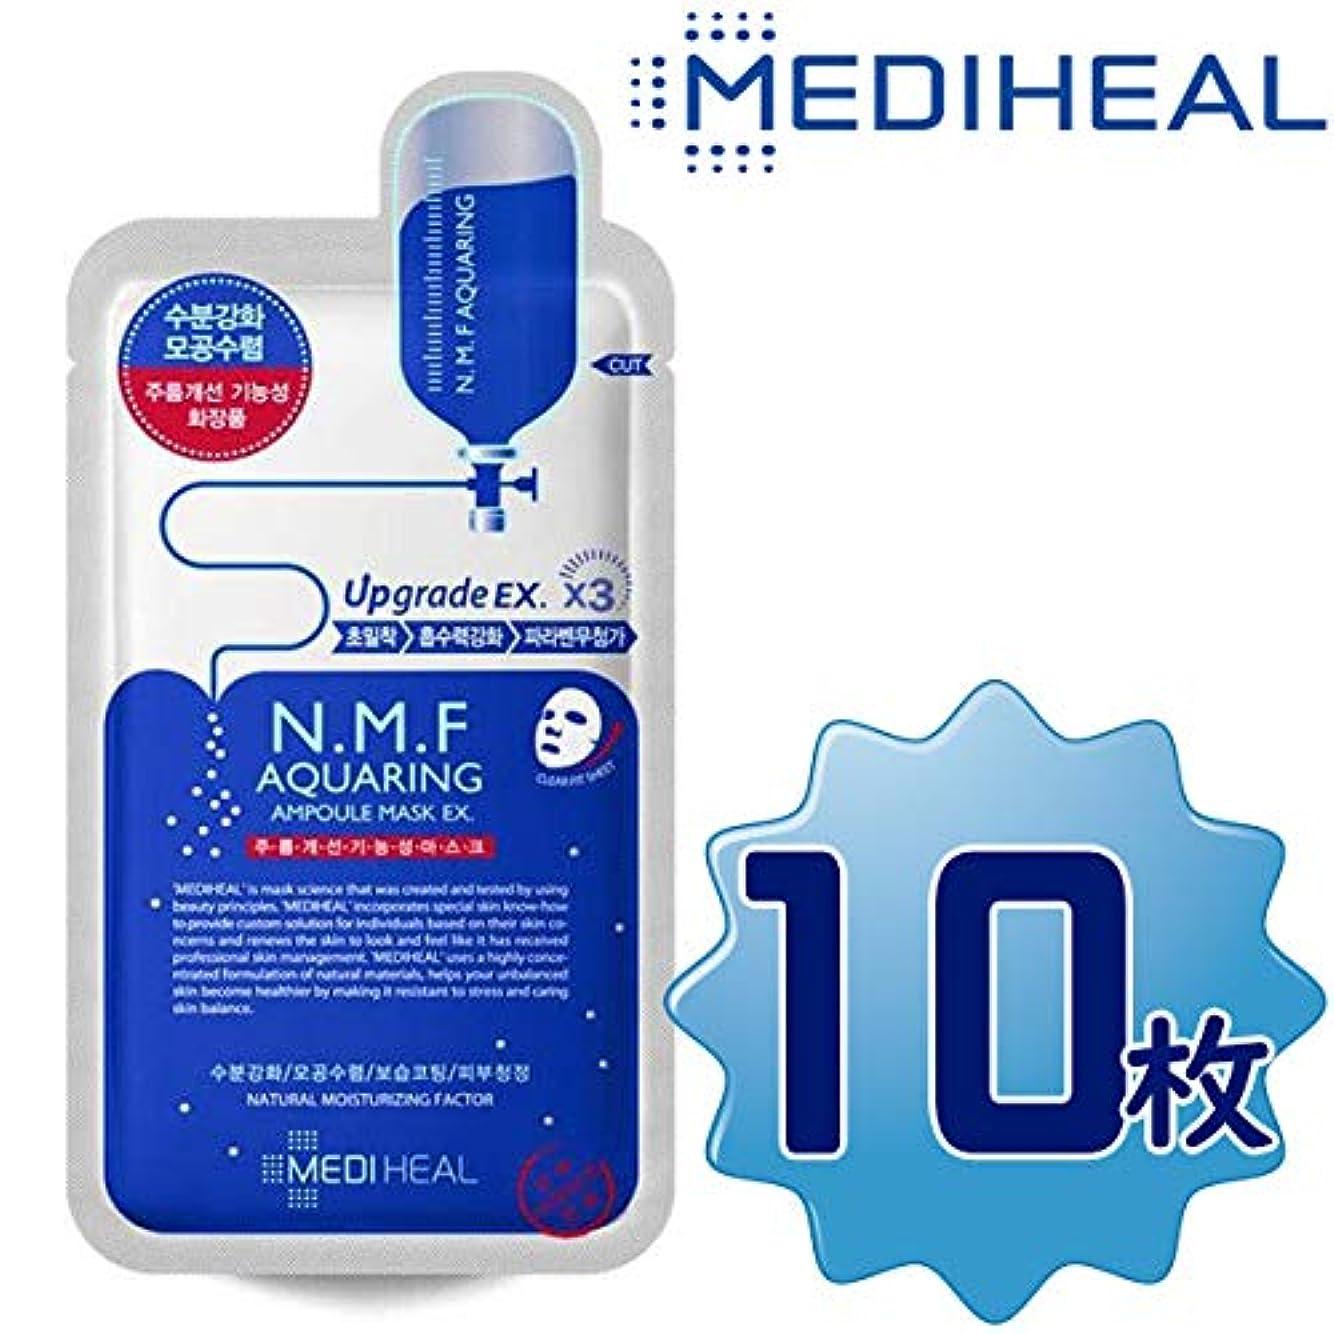 膿瘍瞳防水【正規輸入品】Mediheal メディヒール N.M.F アクアリング アンプル?マスクパックEX 10枚入り×1(Aquaring Ampoule Essential Mask PackEX 1box(10sheet)×1